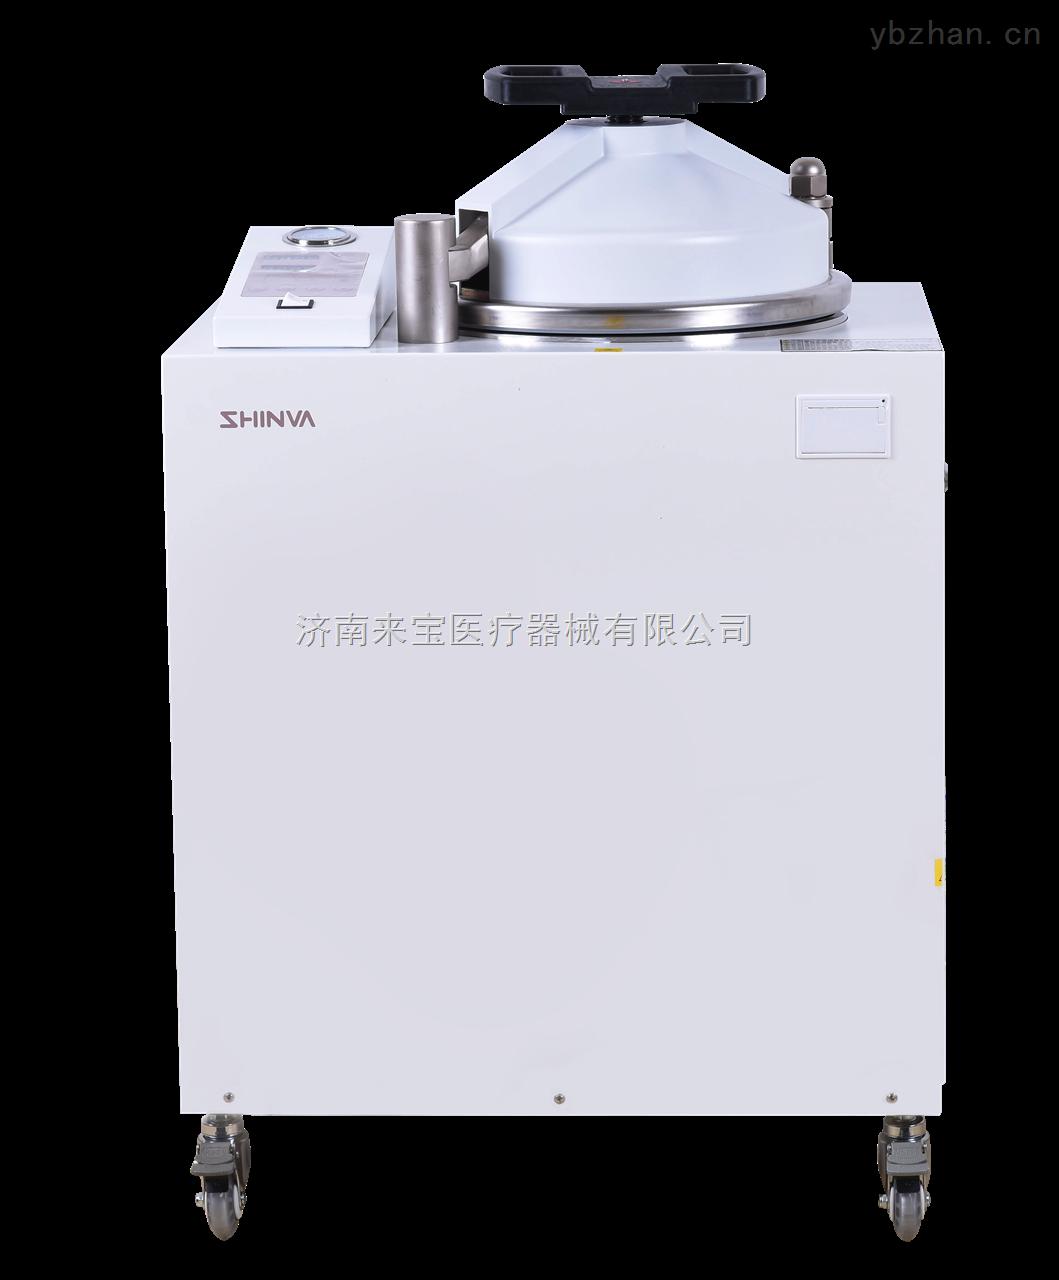 山東新華高壓蒸汽滅菌器LMQ.C